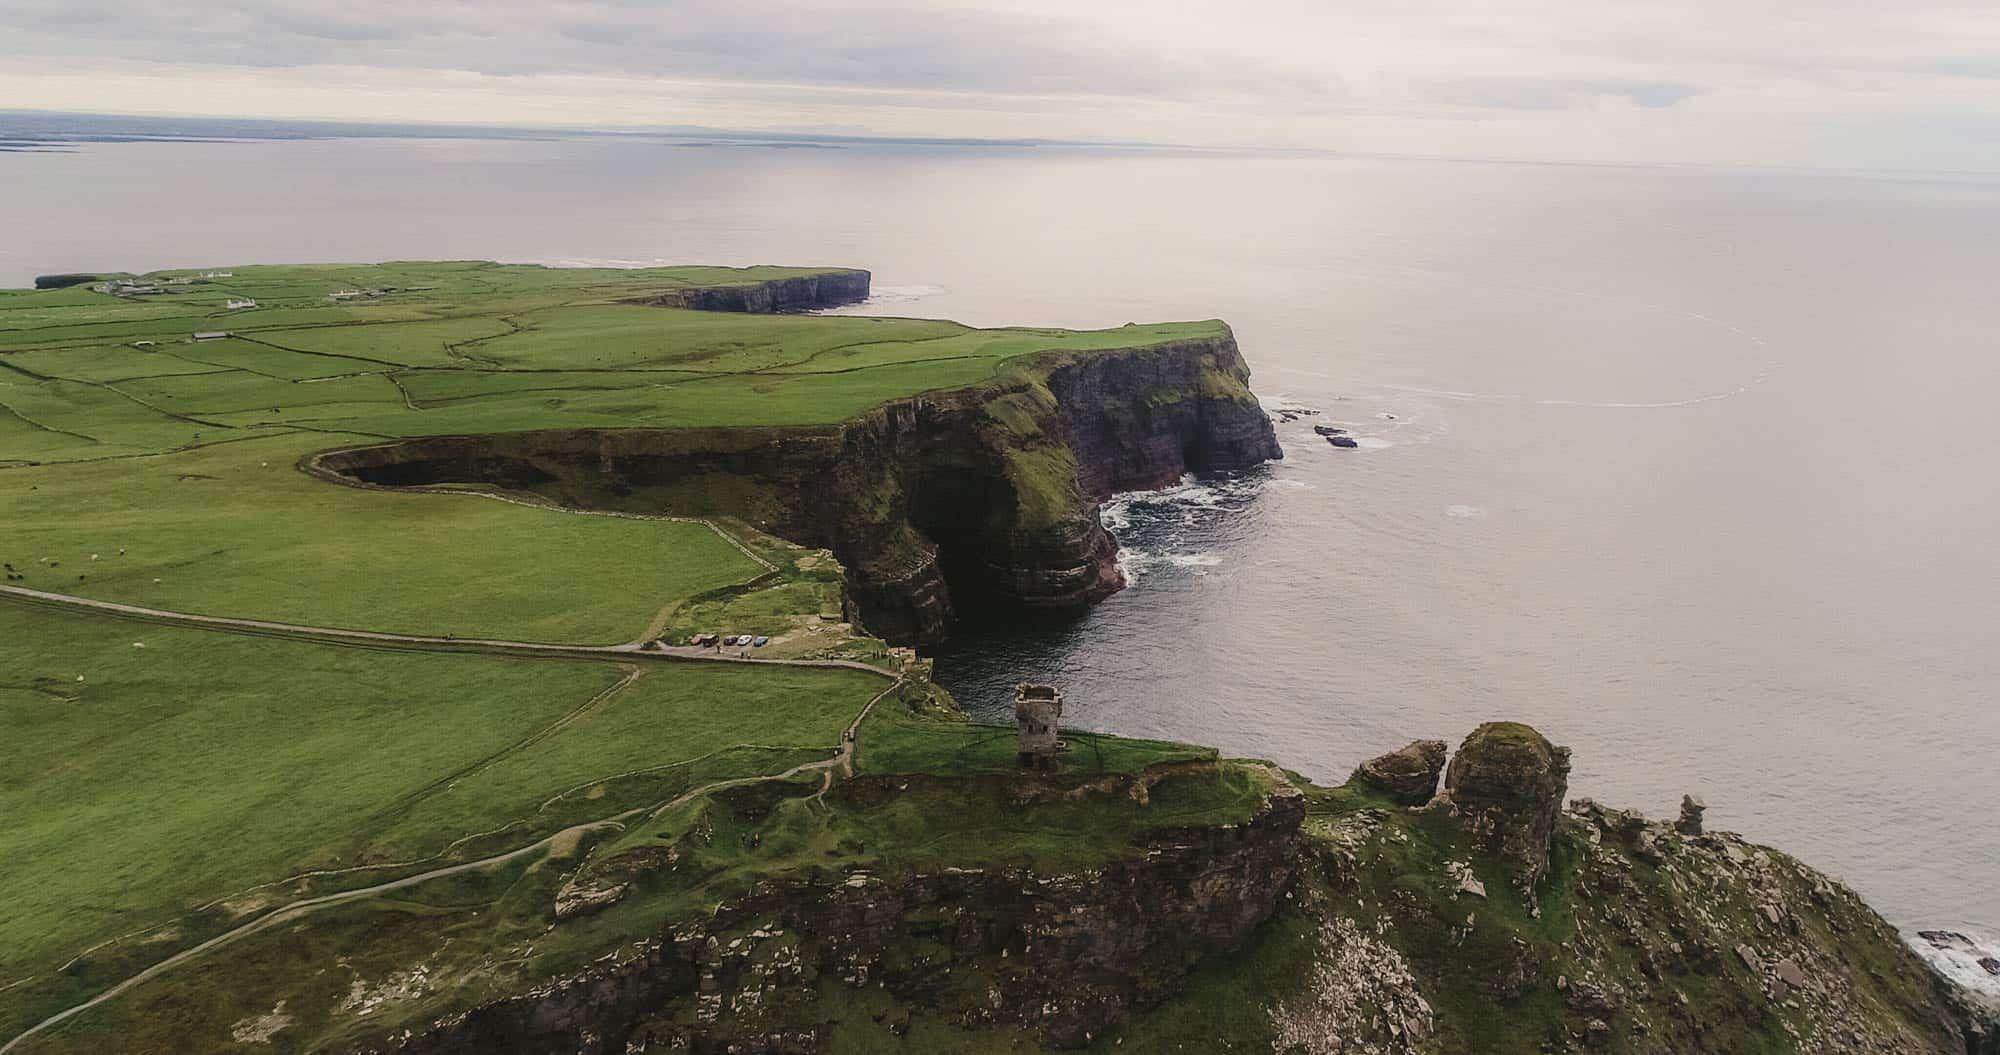 Cliffs of Moher Elopement Drone Shot